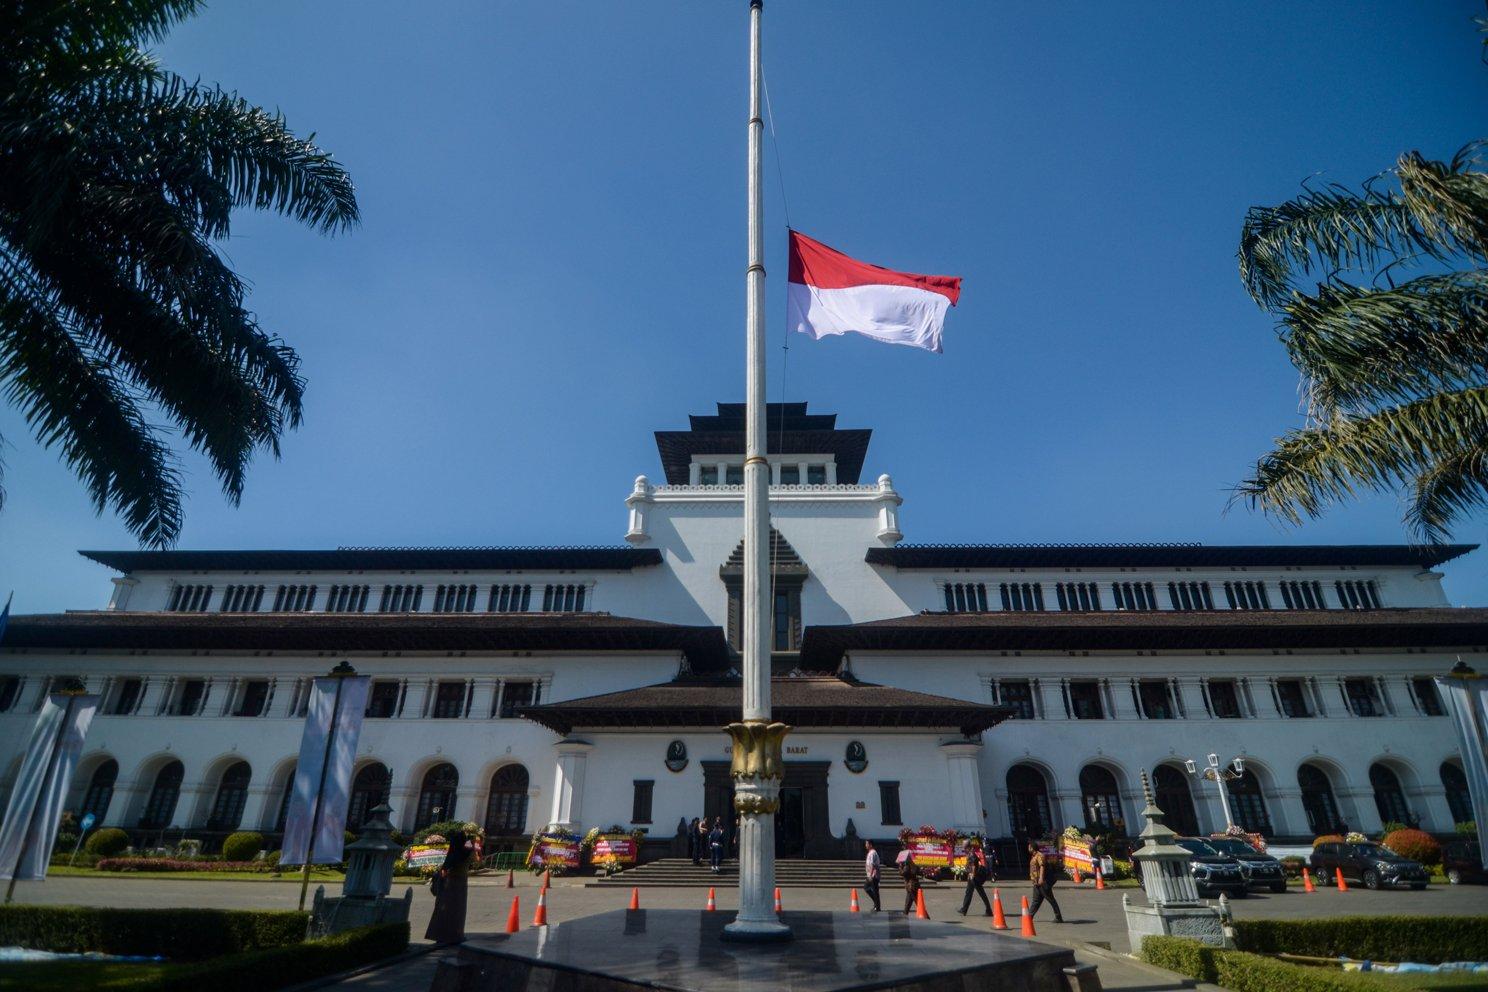 Bendera Merah Putih setengah tiang berkibar di Gedung Sate, Bandung, Jawa Barat, Kamis (12/9/2019).Pengibaran bendera setengah tiang tersebut dilakukan sebagai Hari Berkabung Nasional selama tiga hari ke depan untuk menghormati almarhum Presiden ke-3 Republik Indonesia BJ Habibie yang meninggal dunia pada hari Rabu (11/9/2019).